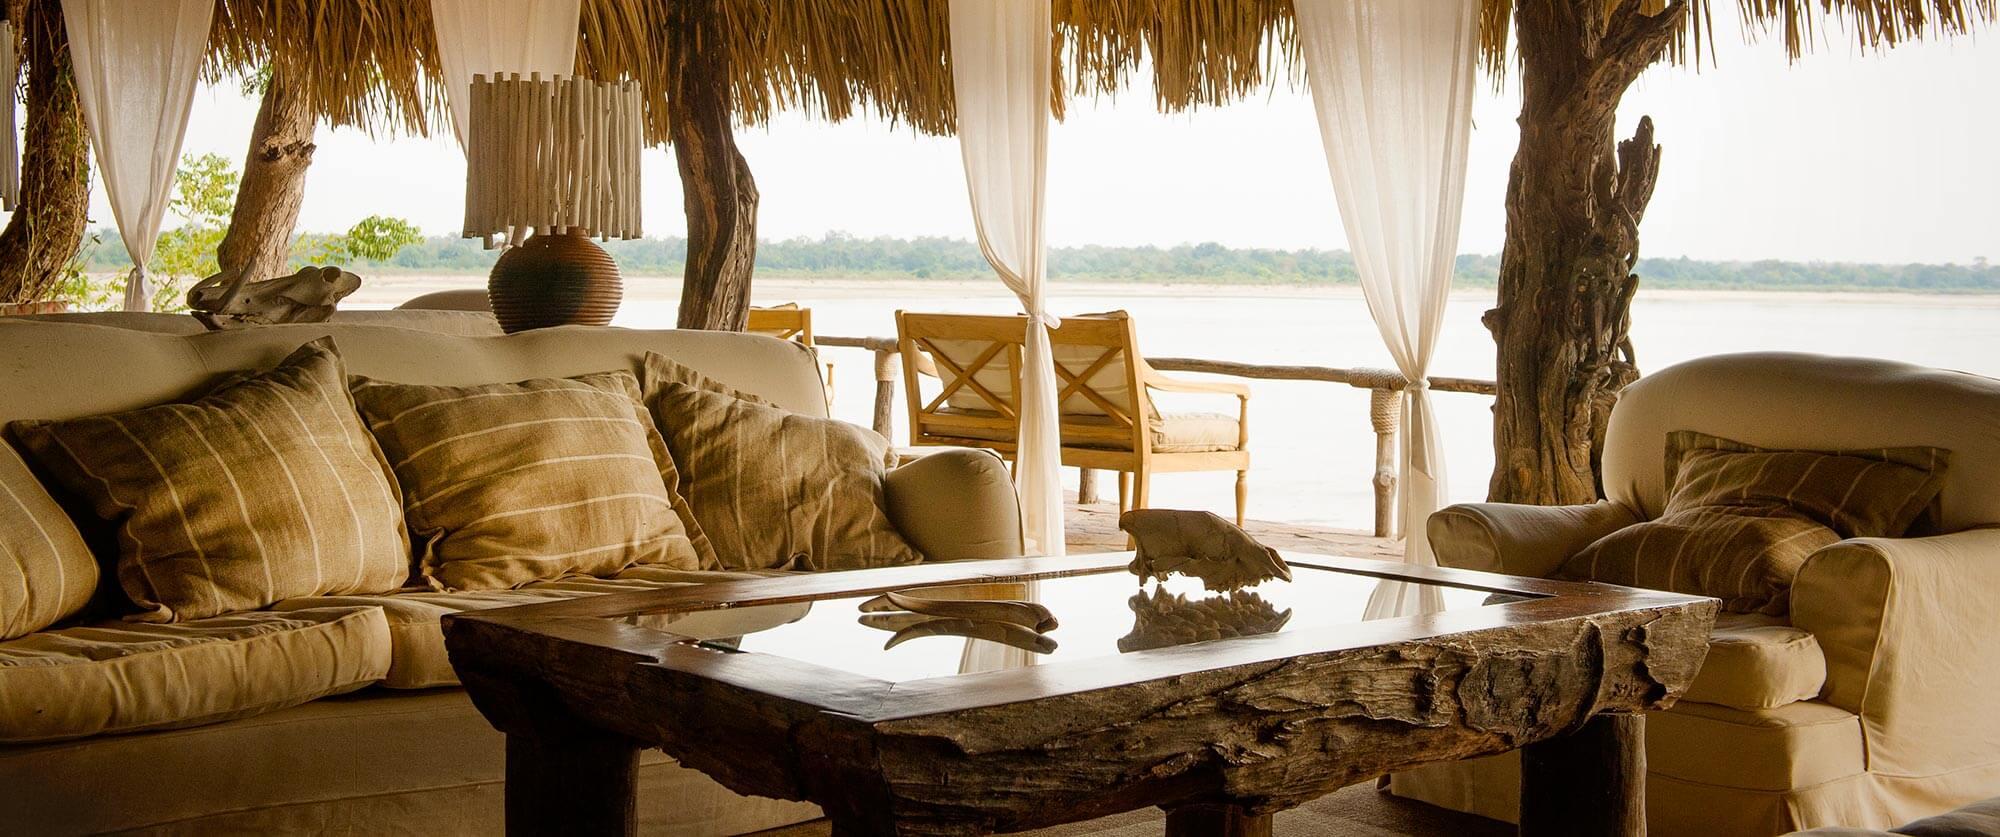 Lounge at Sand Rivers Selous - Selous Game Reserve Safaris - Remote Tanzania Safari Adventure